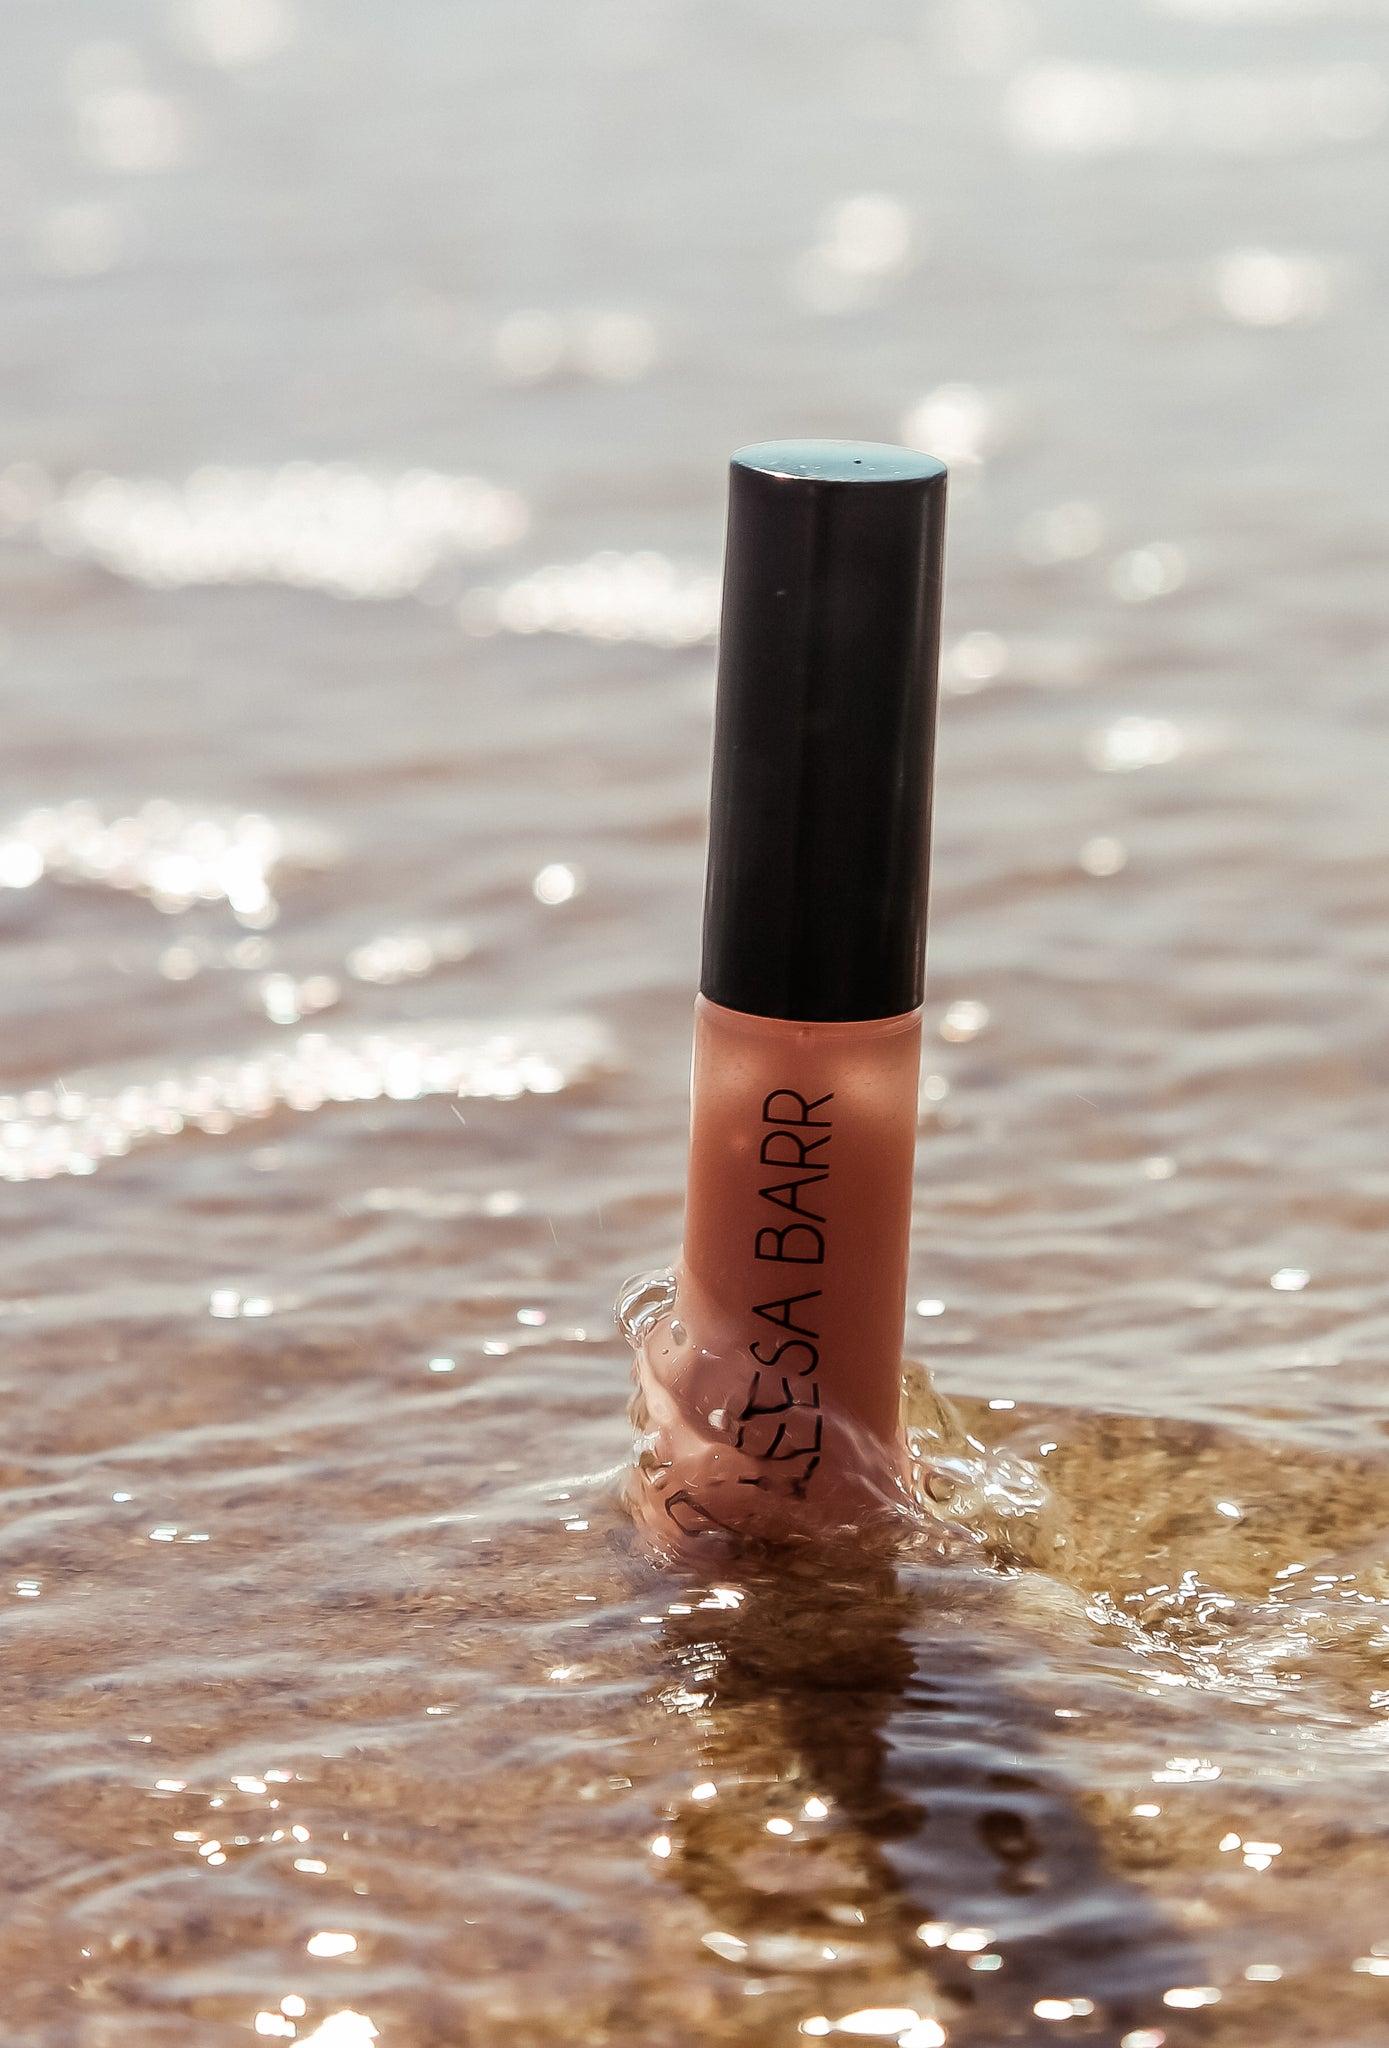 Image of Beach Bum - lip gloss